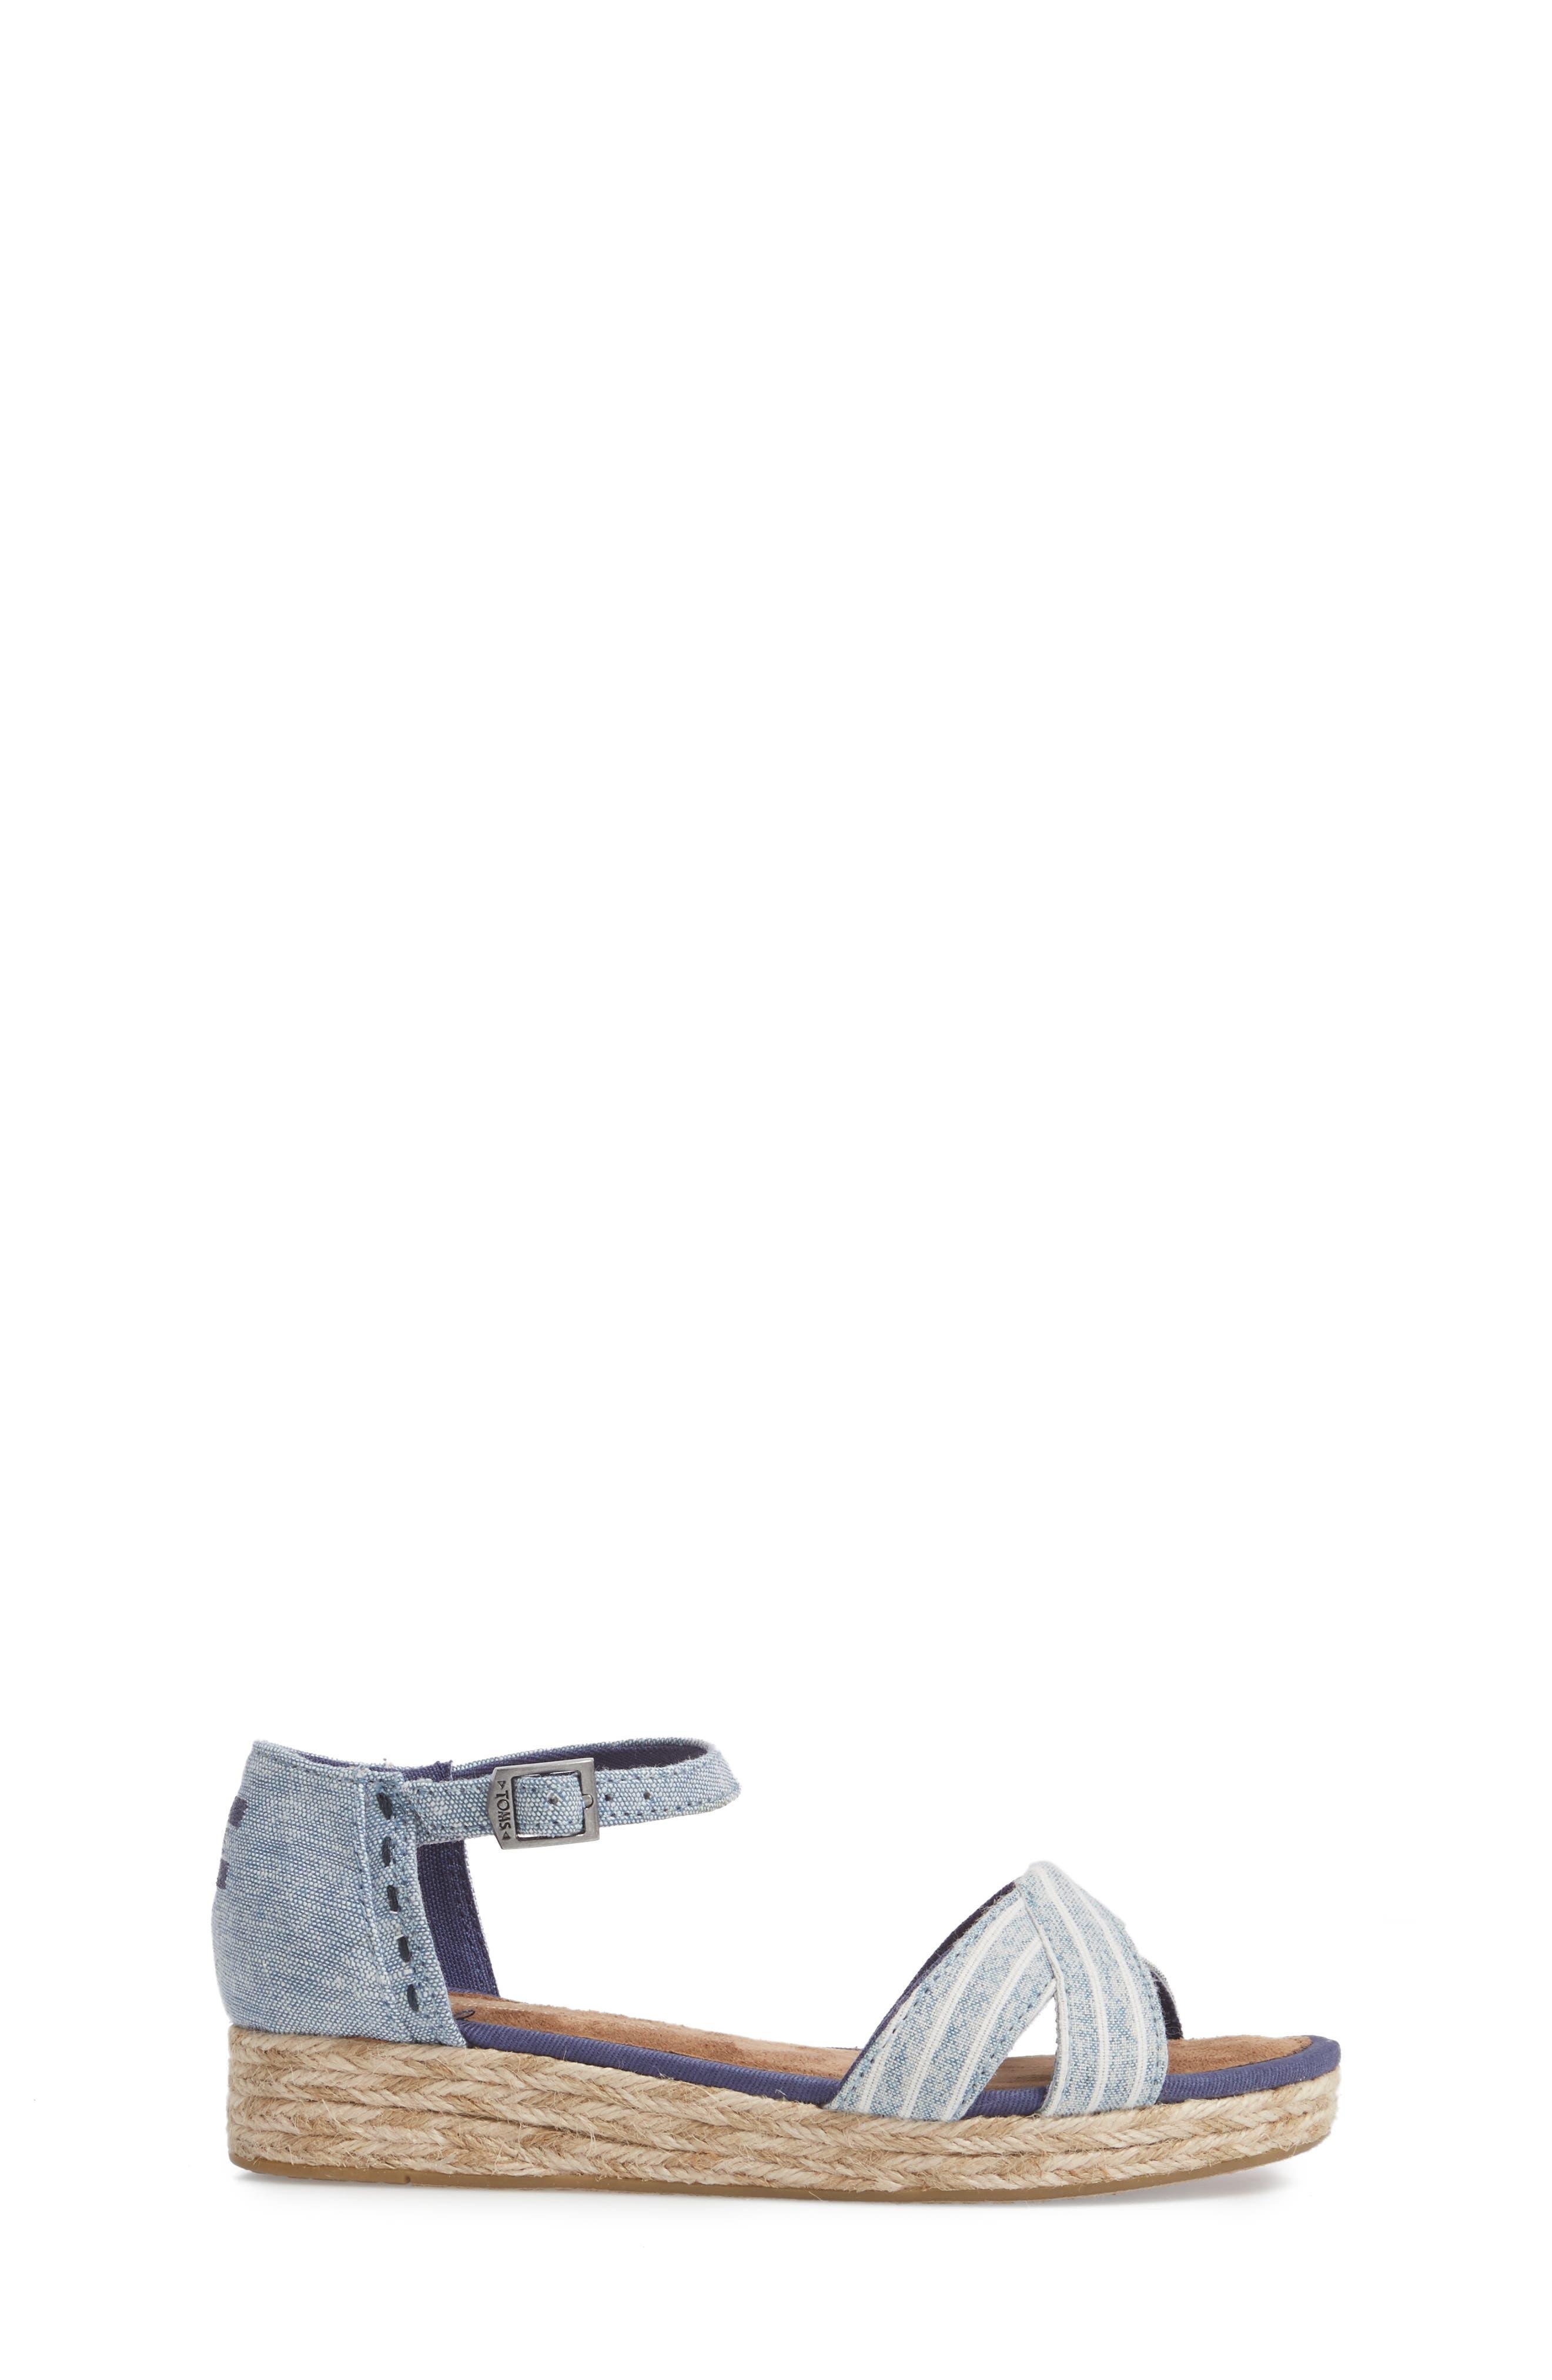 Harper Wedge Sandal,                             Alternate thumbnail 3, color,                             430